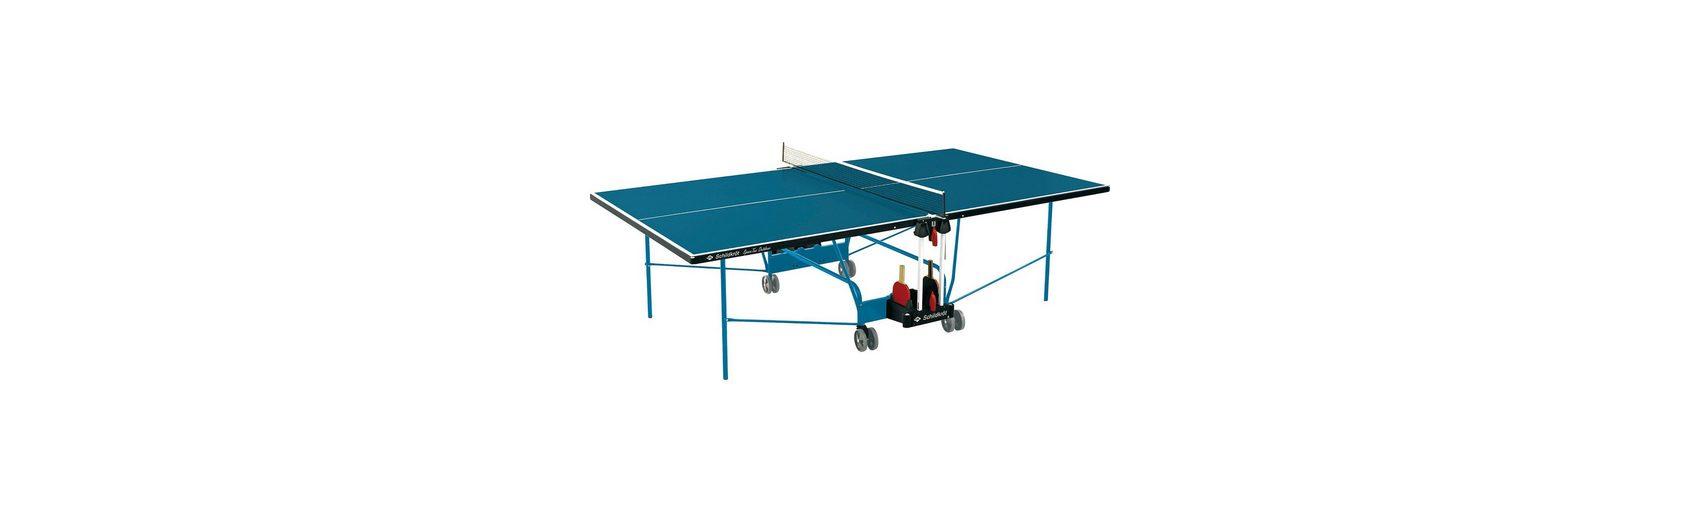 Schildkröt Funsports Schildkröt Outdoor Tischtennisplatte Profi